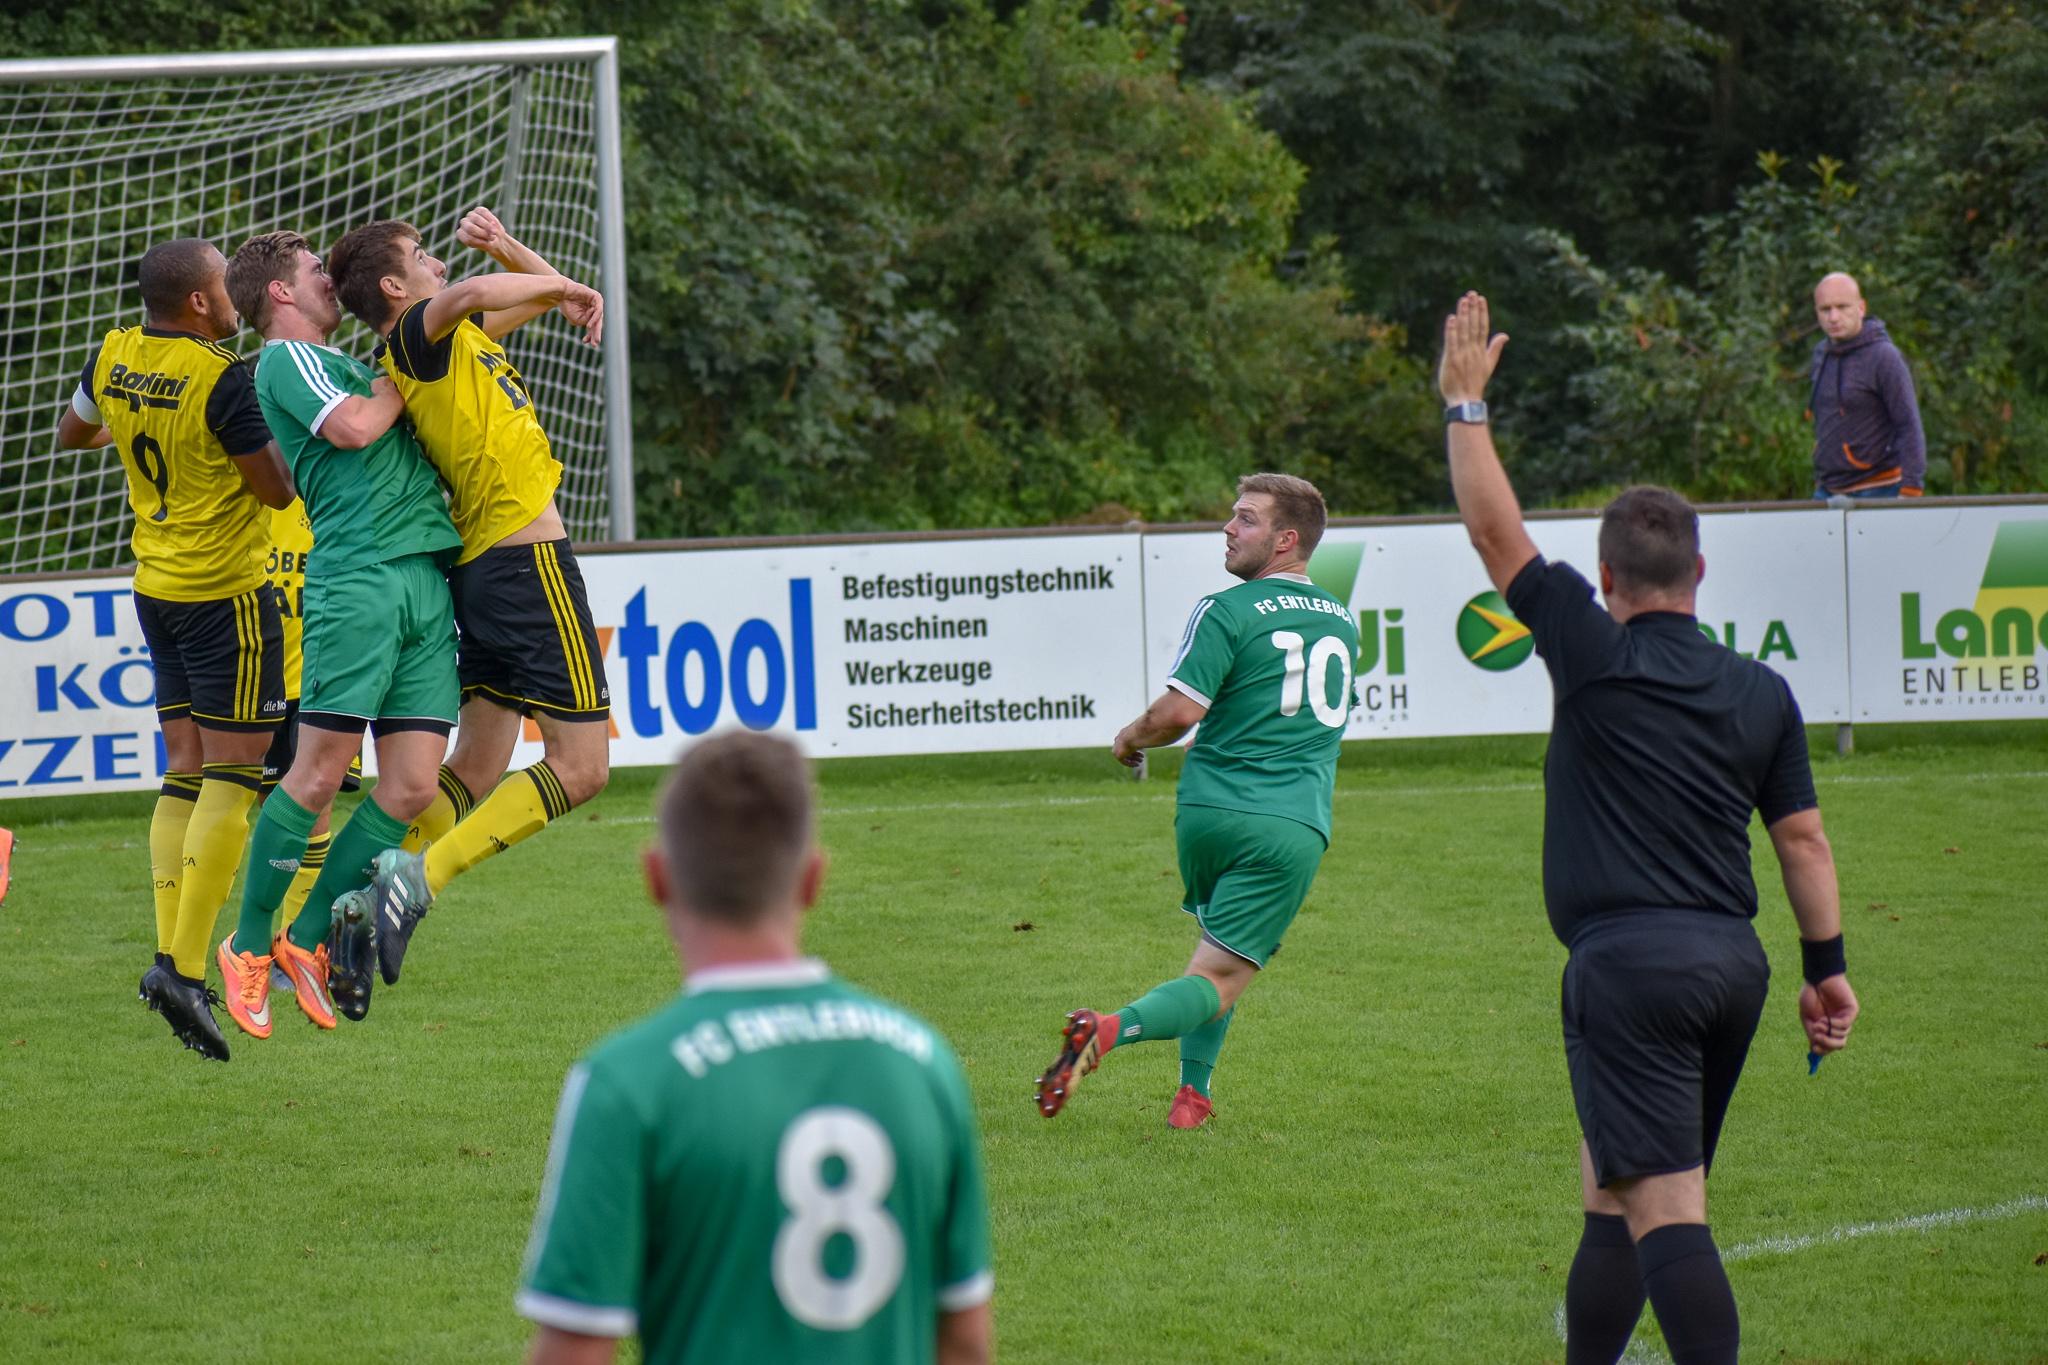 Altdorf verliert in Entlebuch zum ersten Mal in der noch jungen Saison. Foto: FC Altdorf